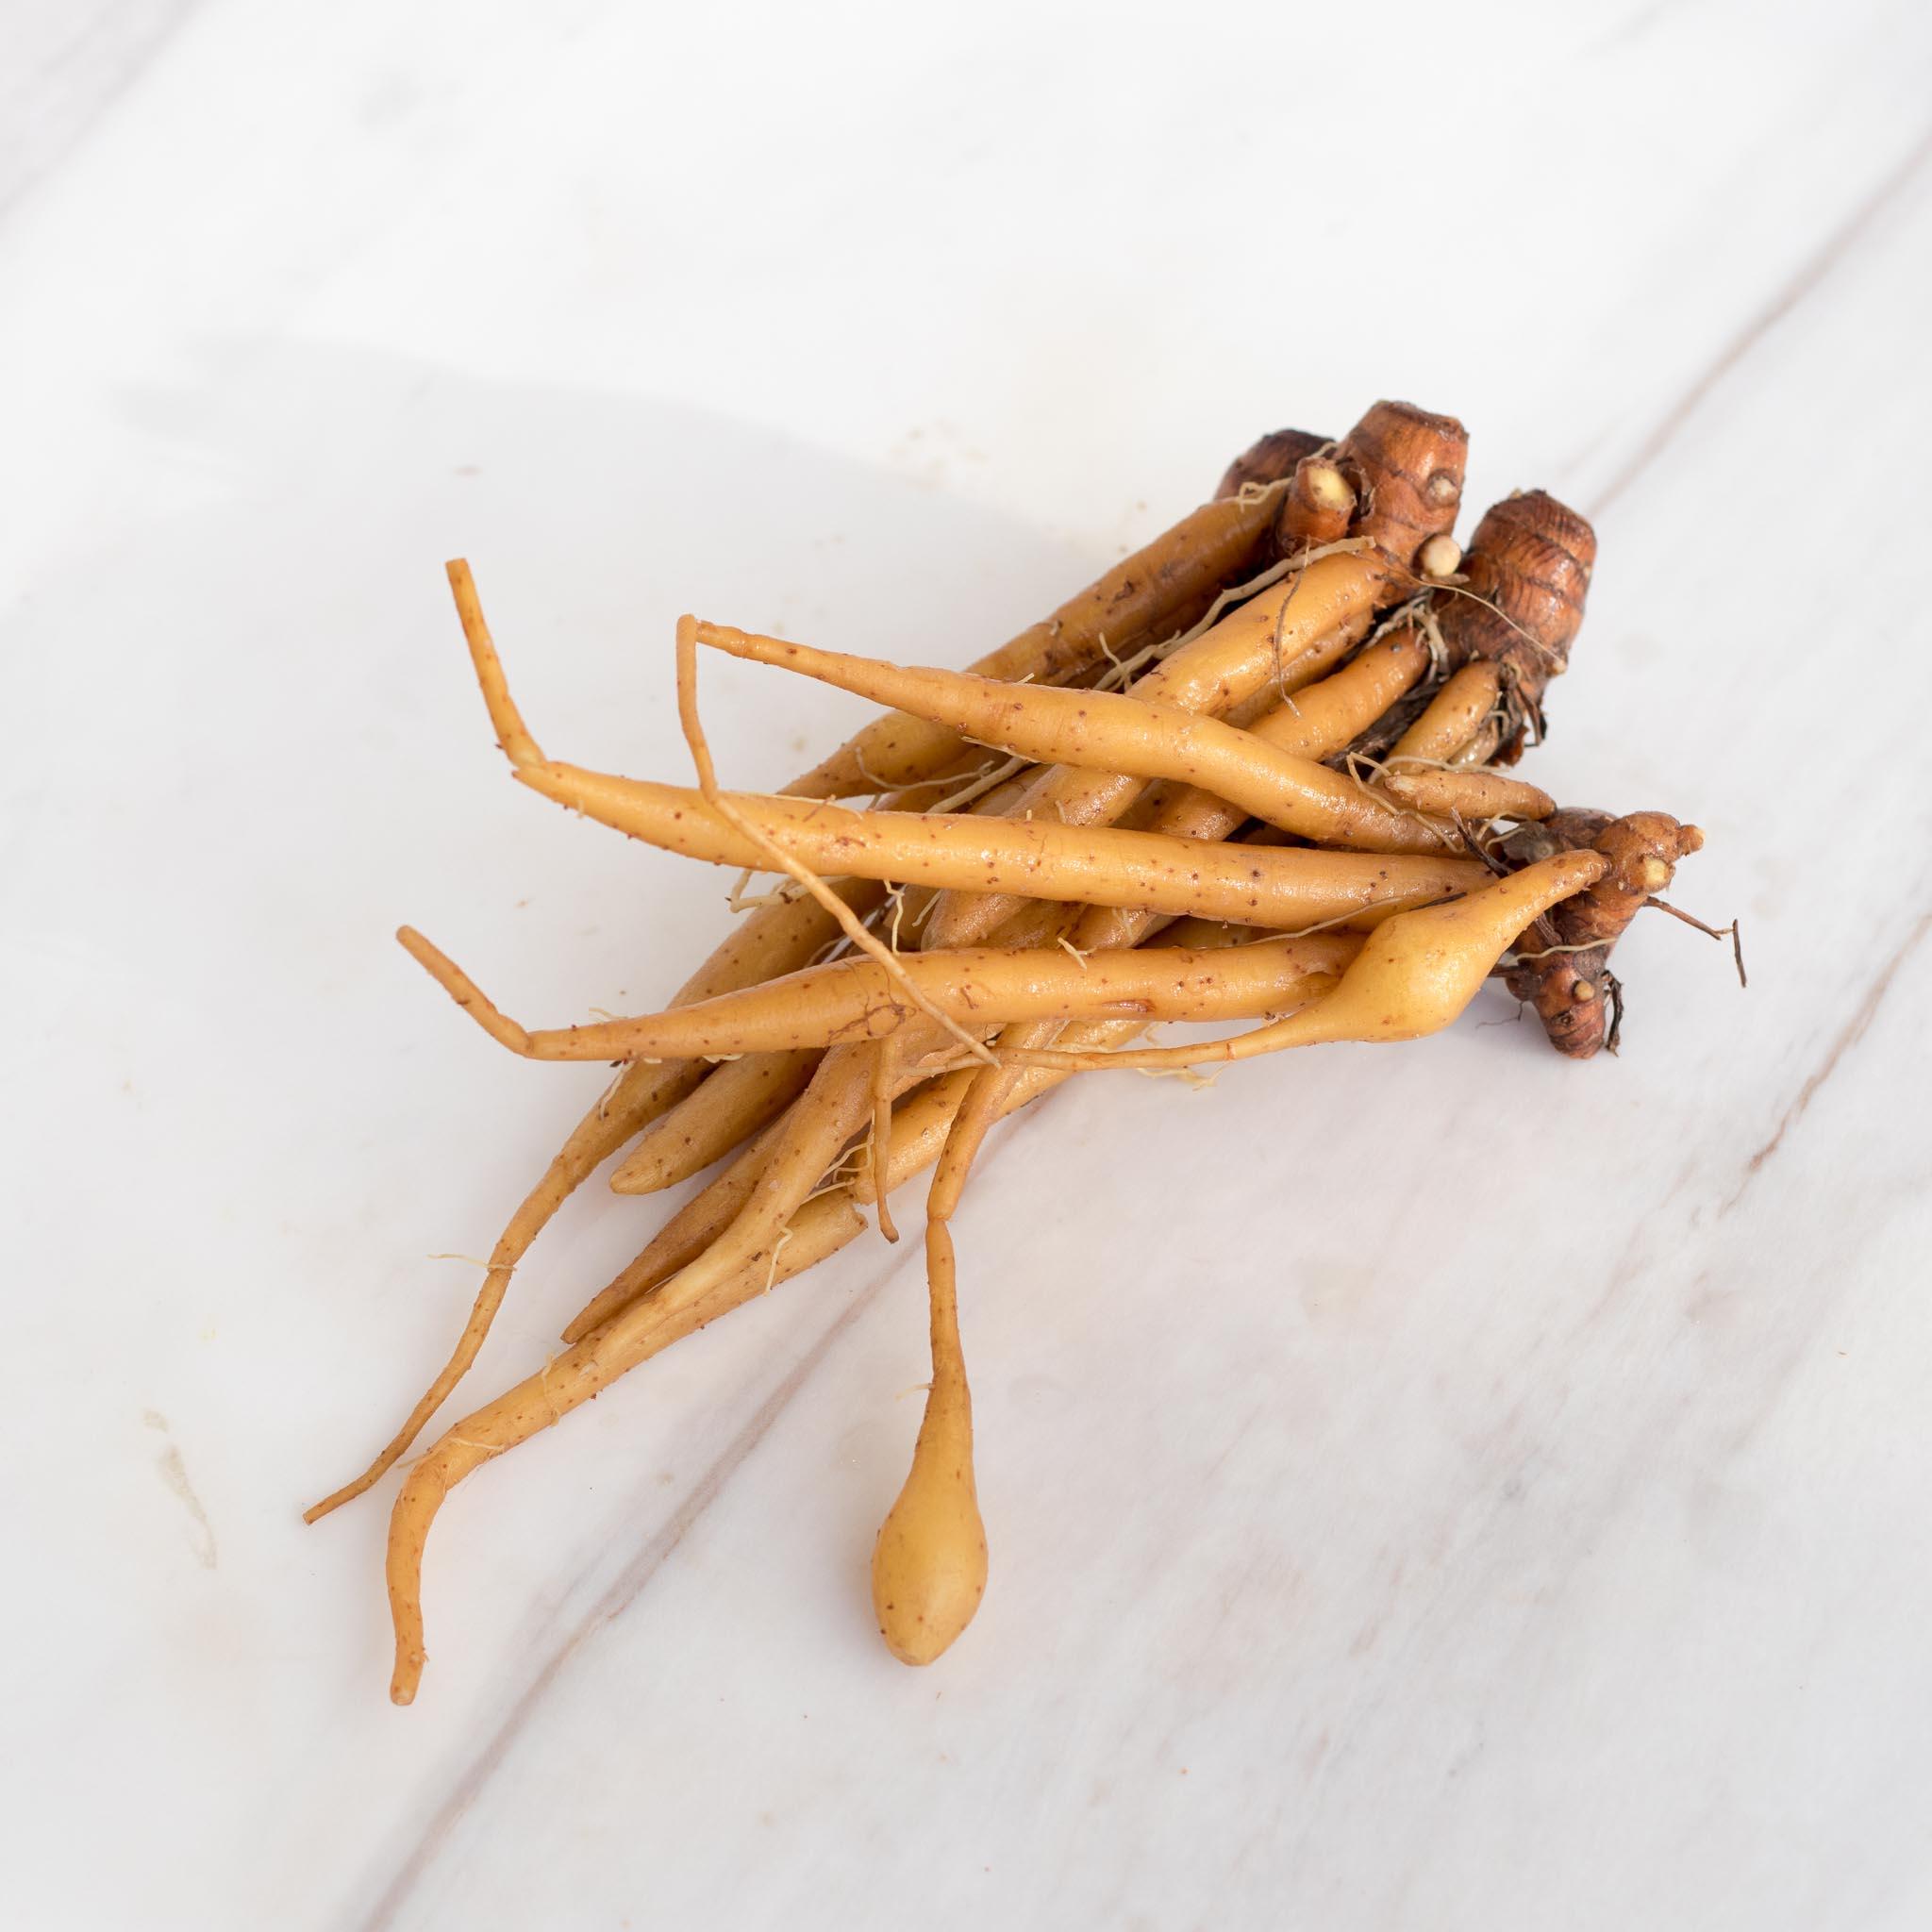 Krachai / Lesser Ginger (กระชาย)